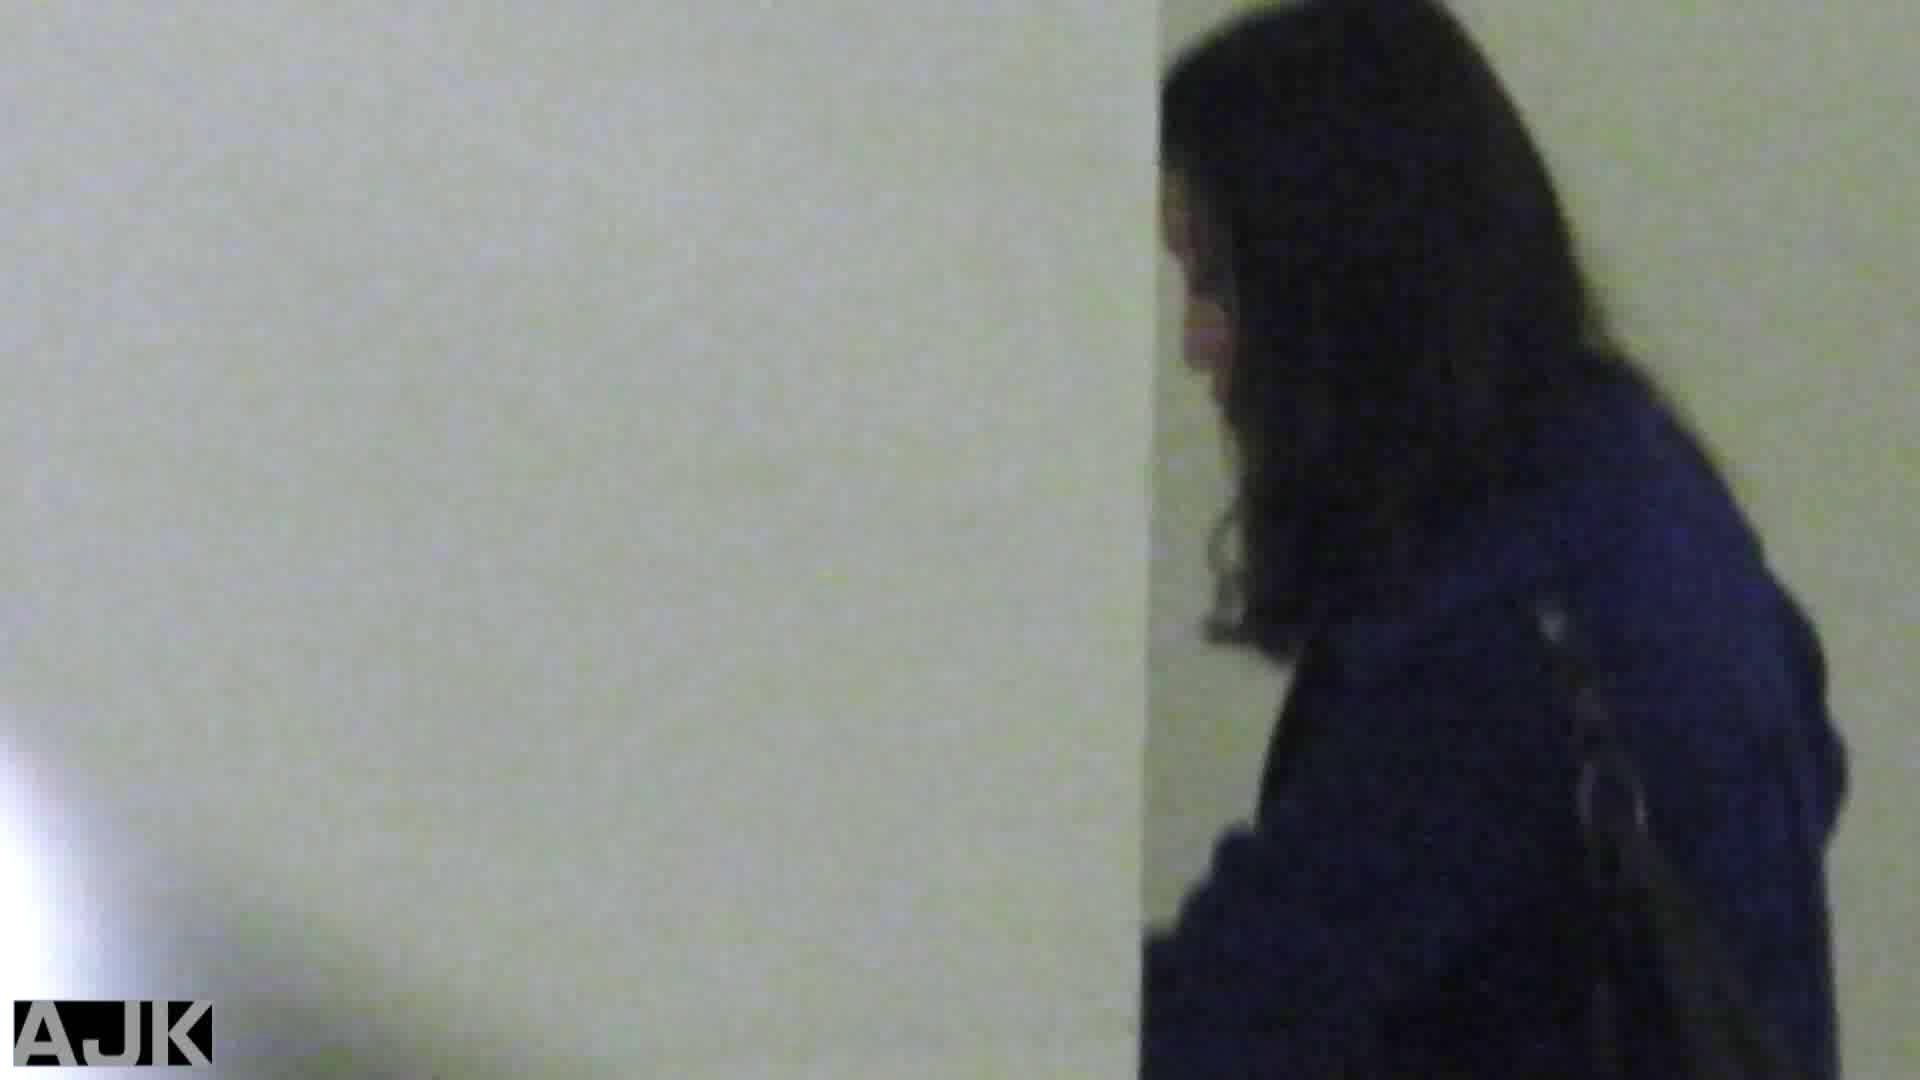 神降臨!史上最強の潜入かわや! vol.05 OLセックス 盗み撮りAV無料動画キャプチャ 81画像 2